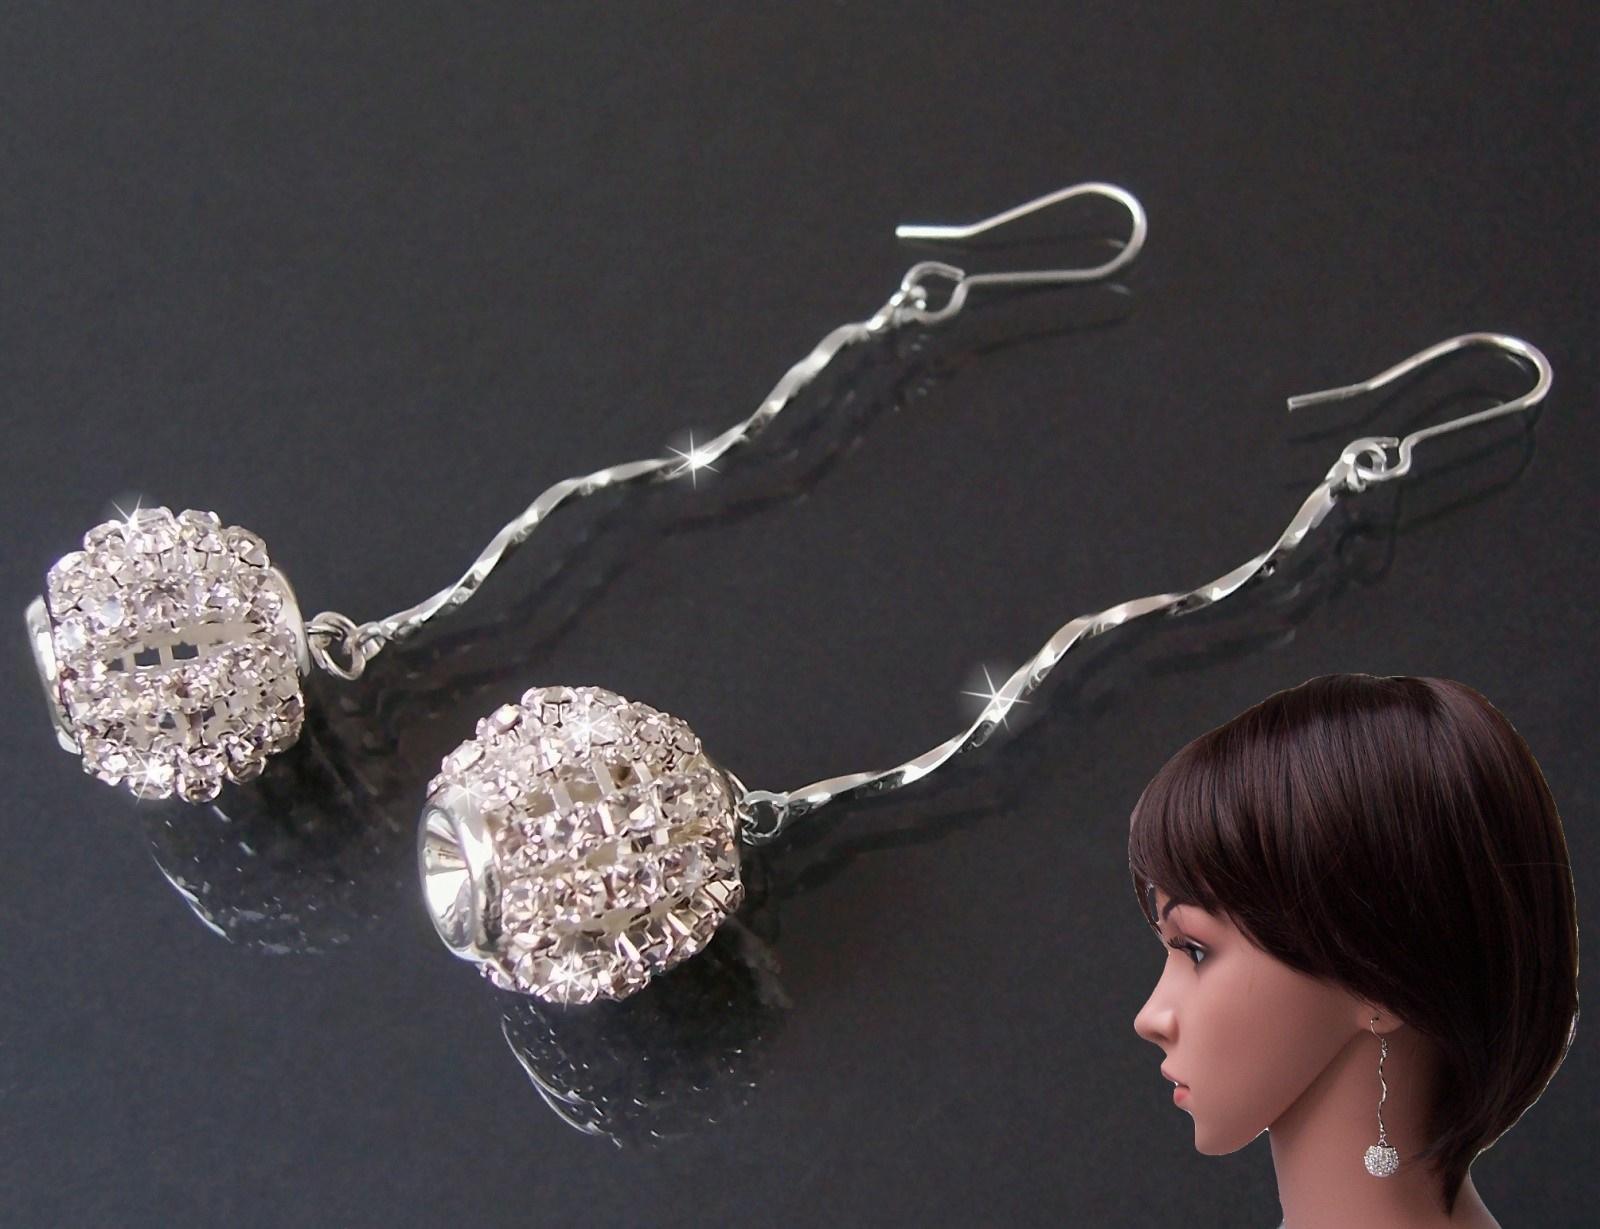 Strassohrringe Ohrringe 7cm lang Silber Mode Schmuck O1679